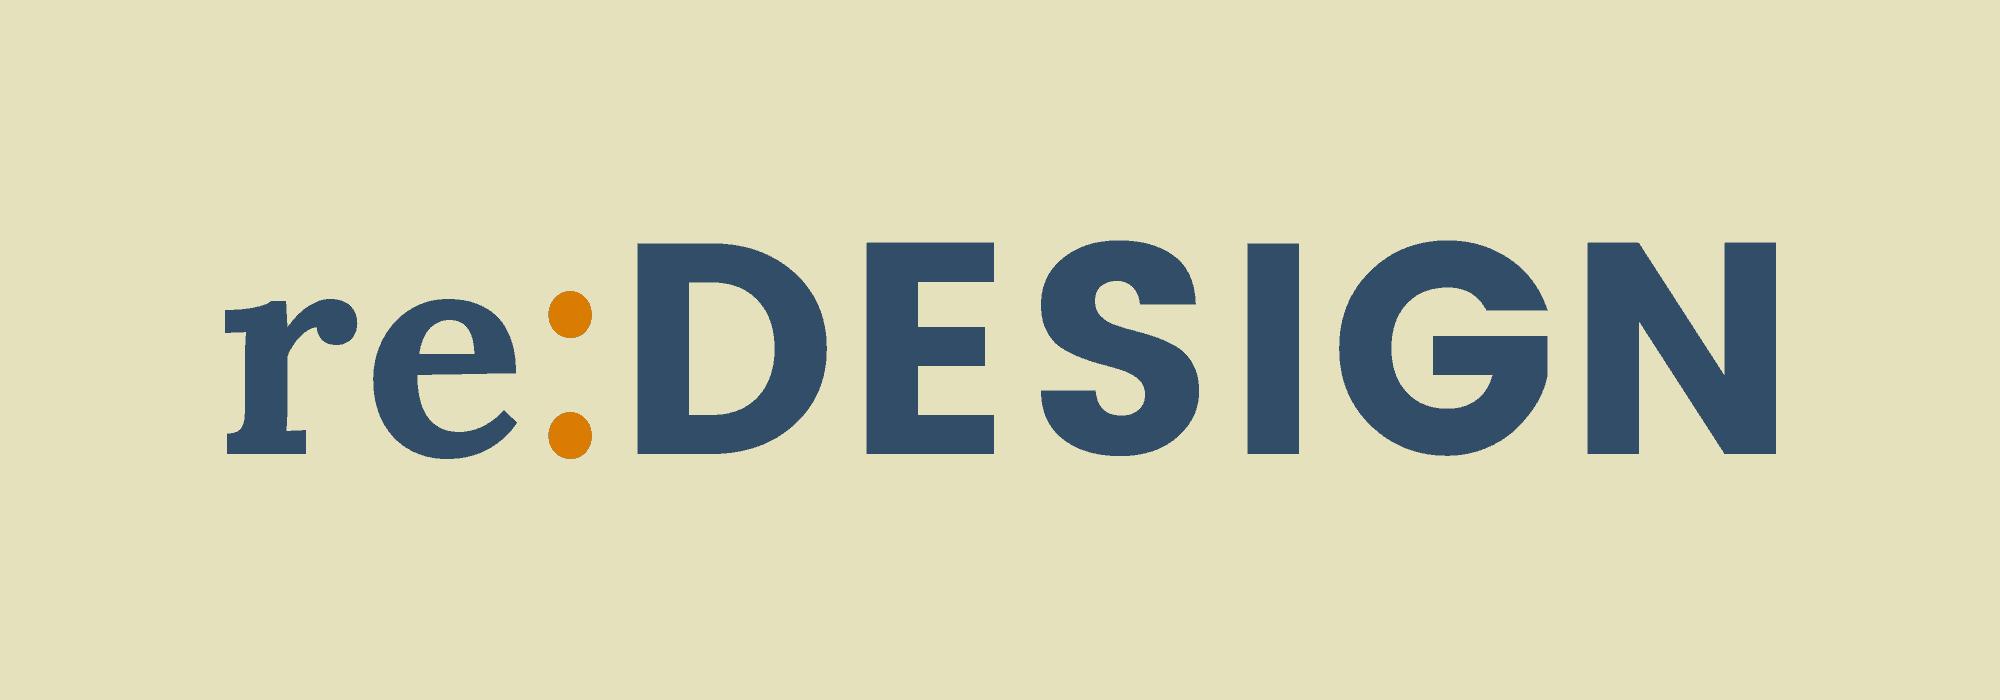 Redesign einer Webseite